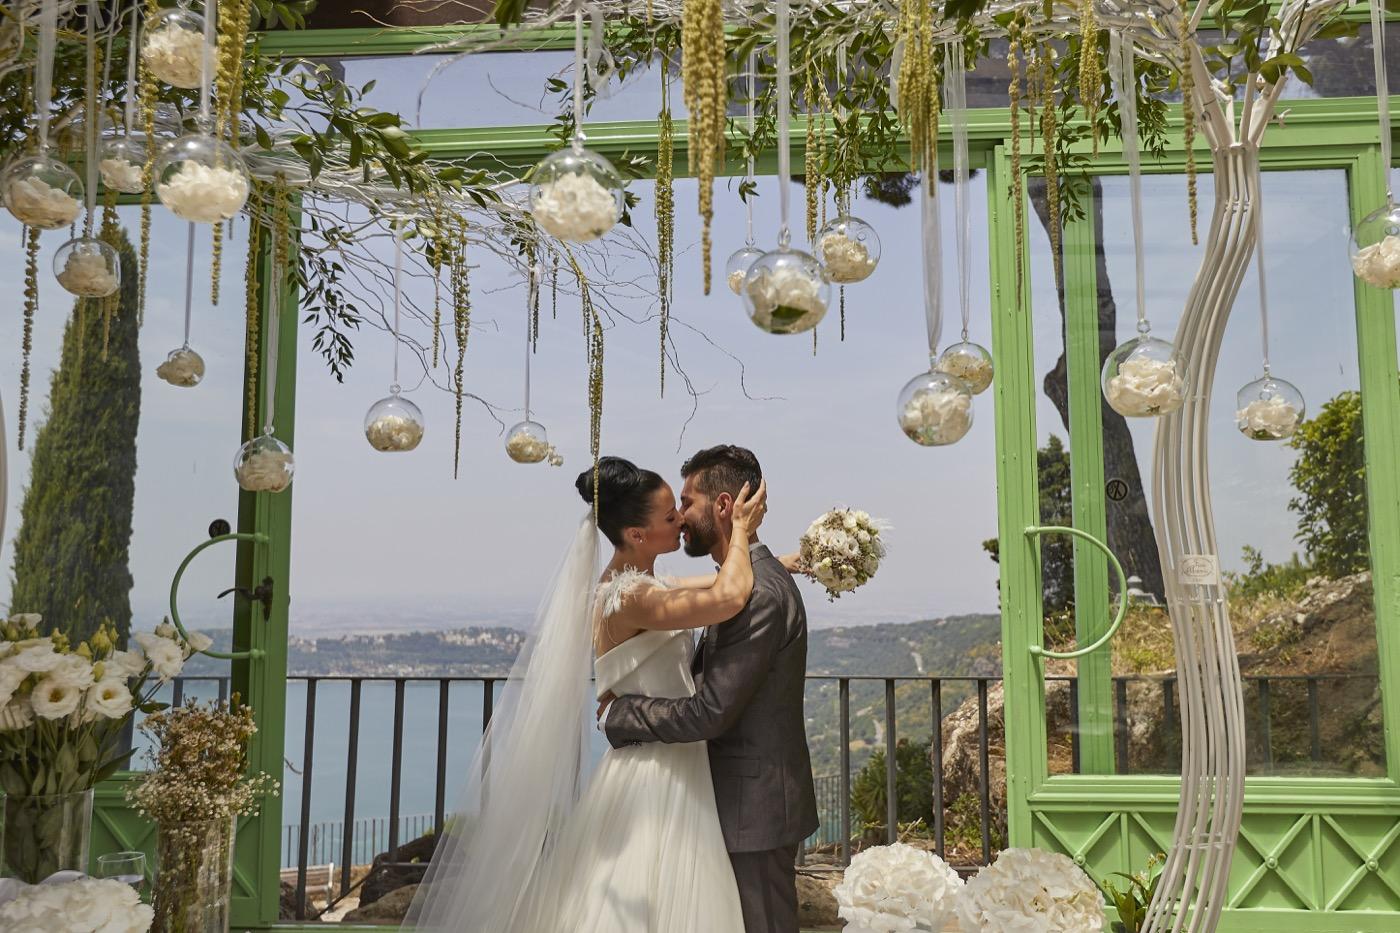 Claudio-Coppola-wedding-photographer-villa-del-cardinale-rocca-di-papa-castel-gandolfo-45